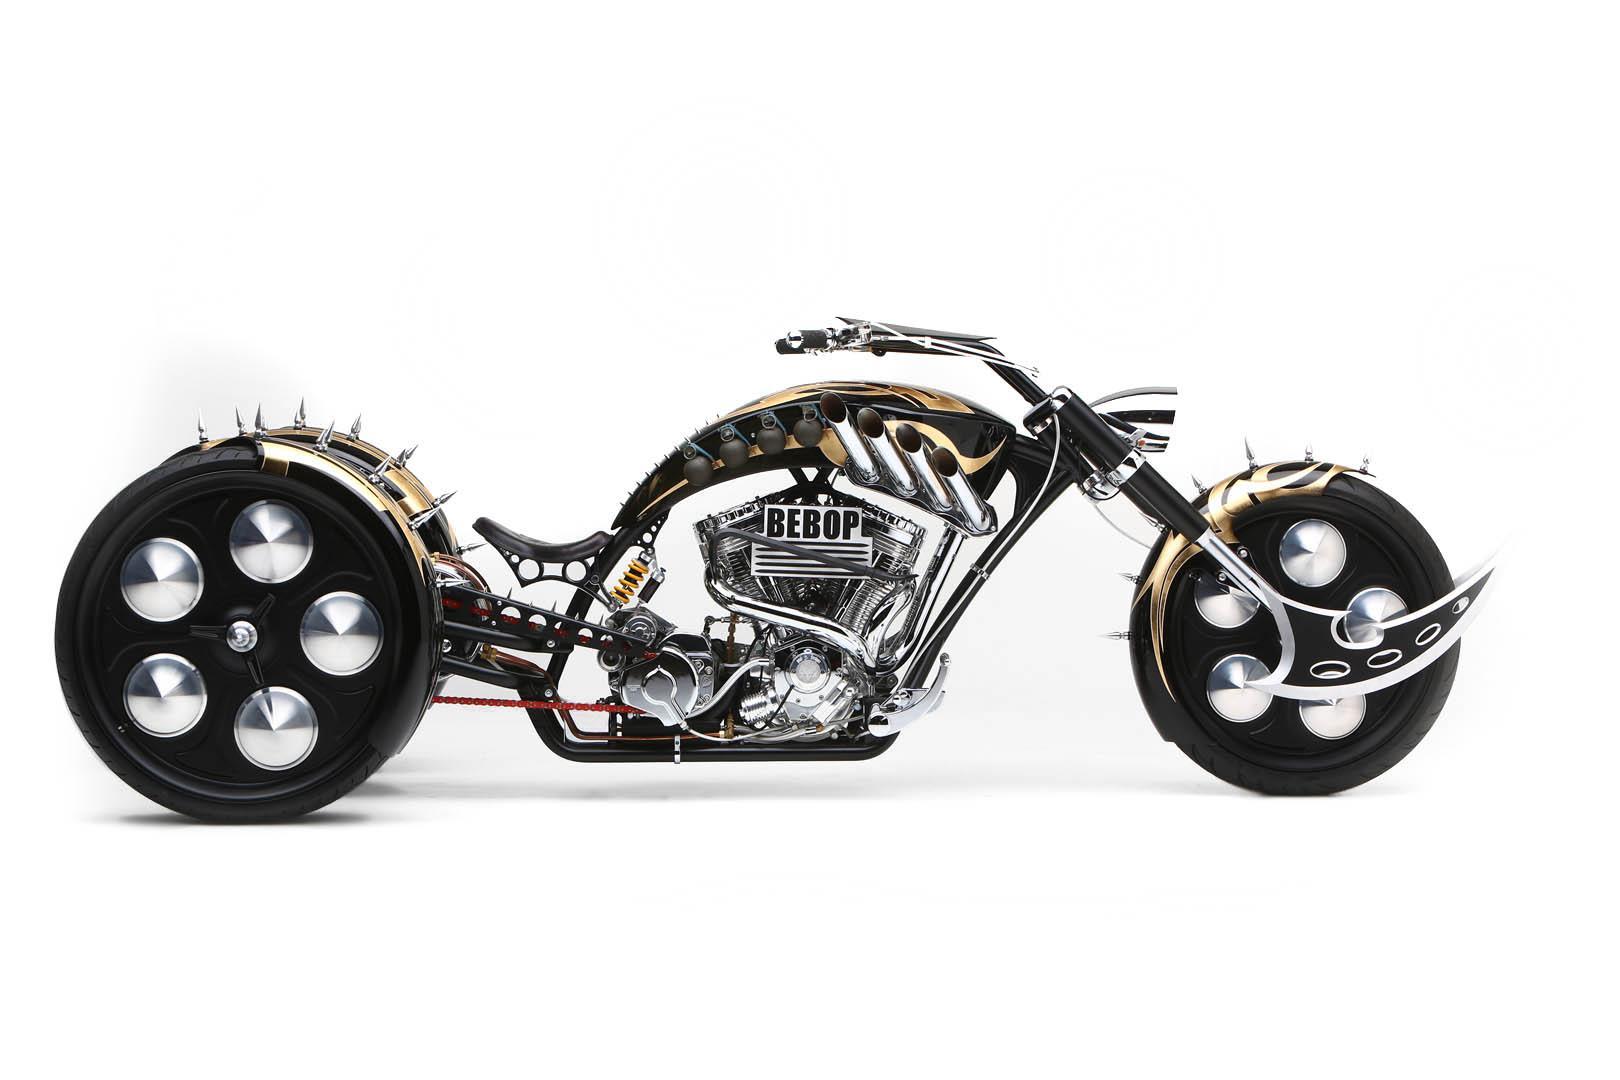 4adcf4a8ca6 paul-jr-designs-bebop-bike-037